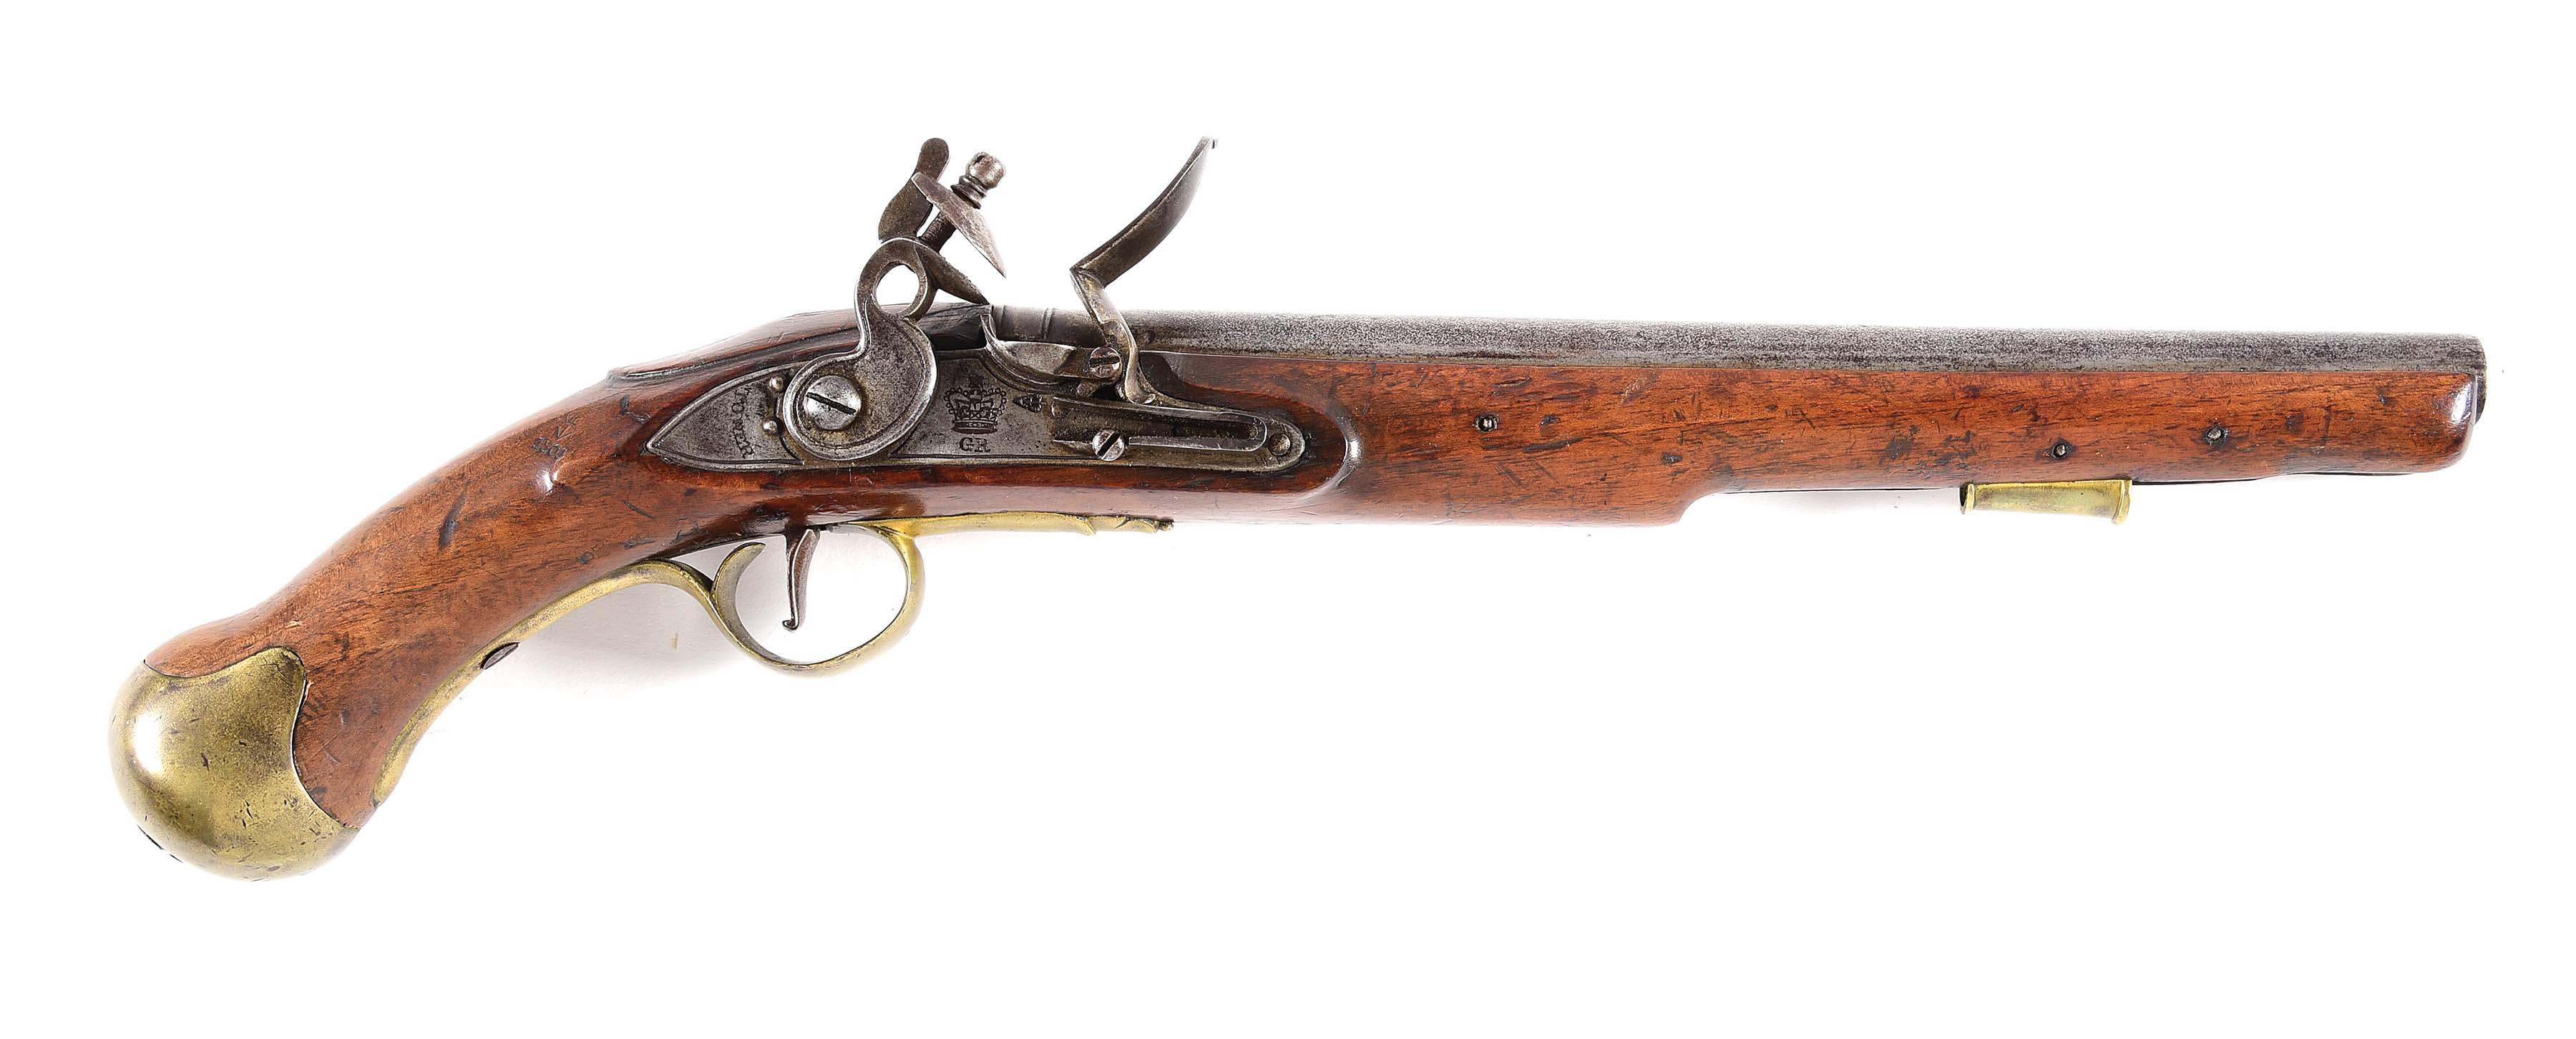 Field & Range Firearms